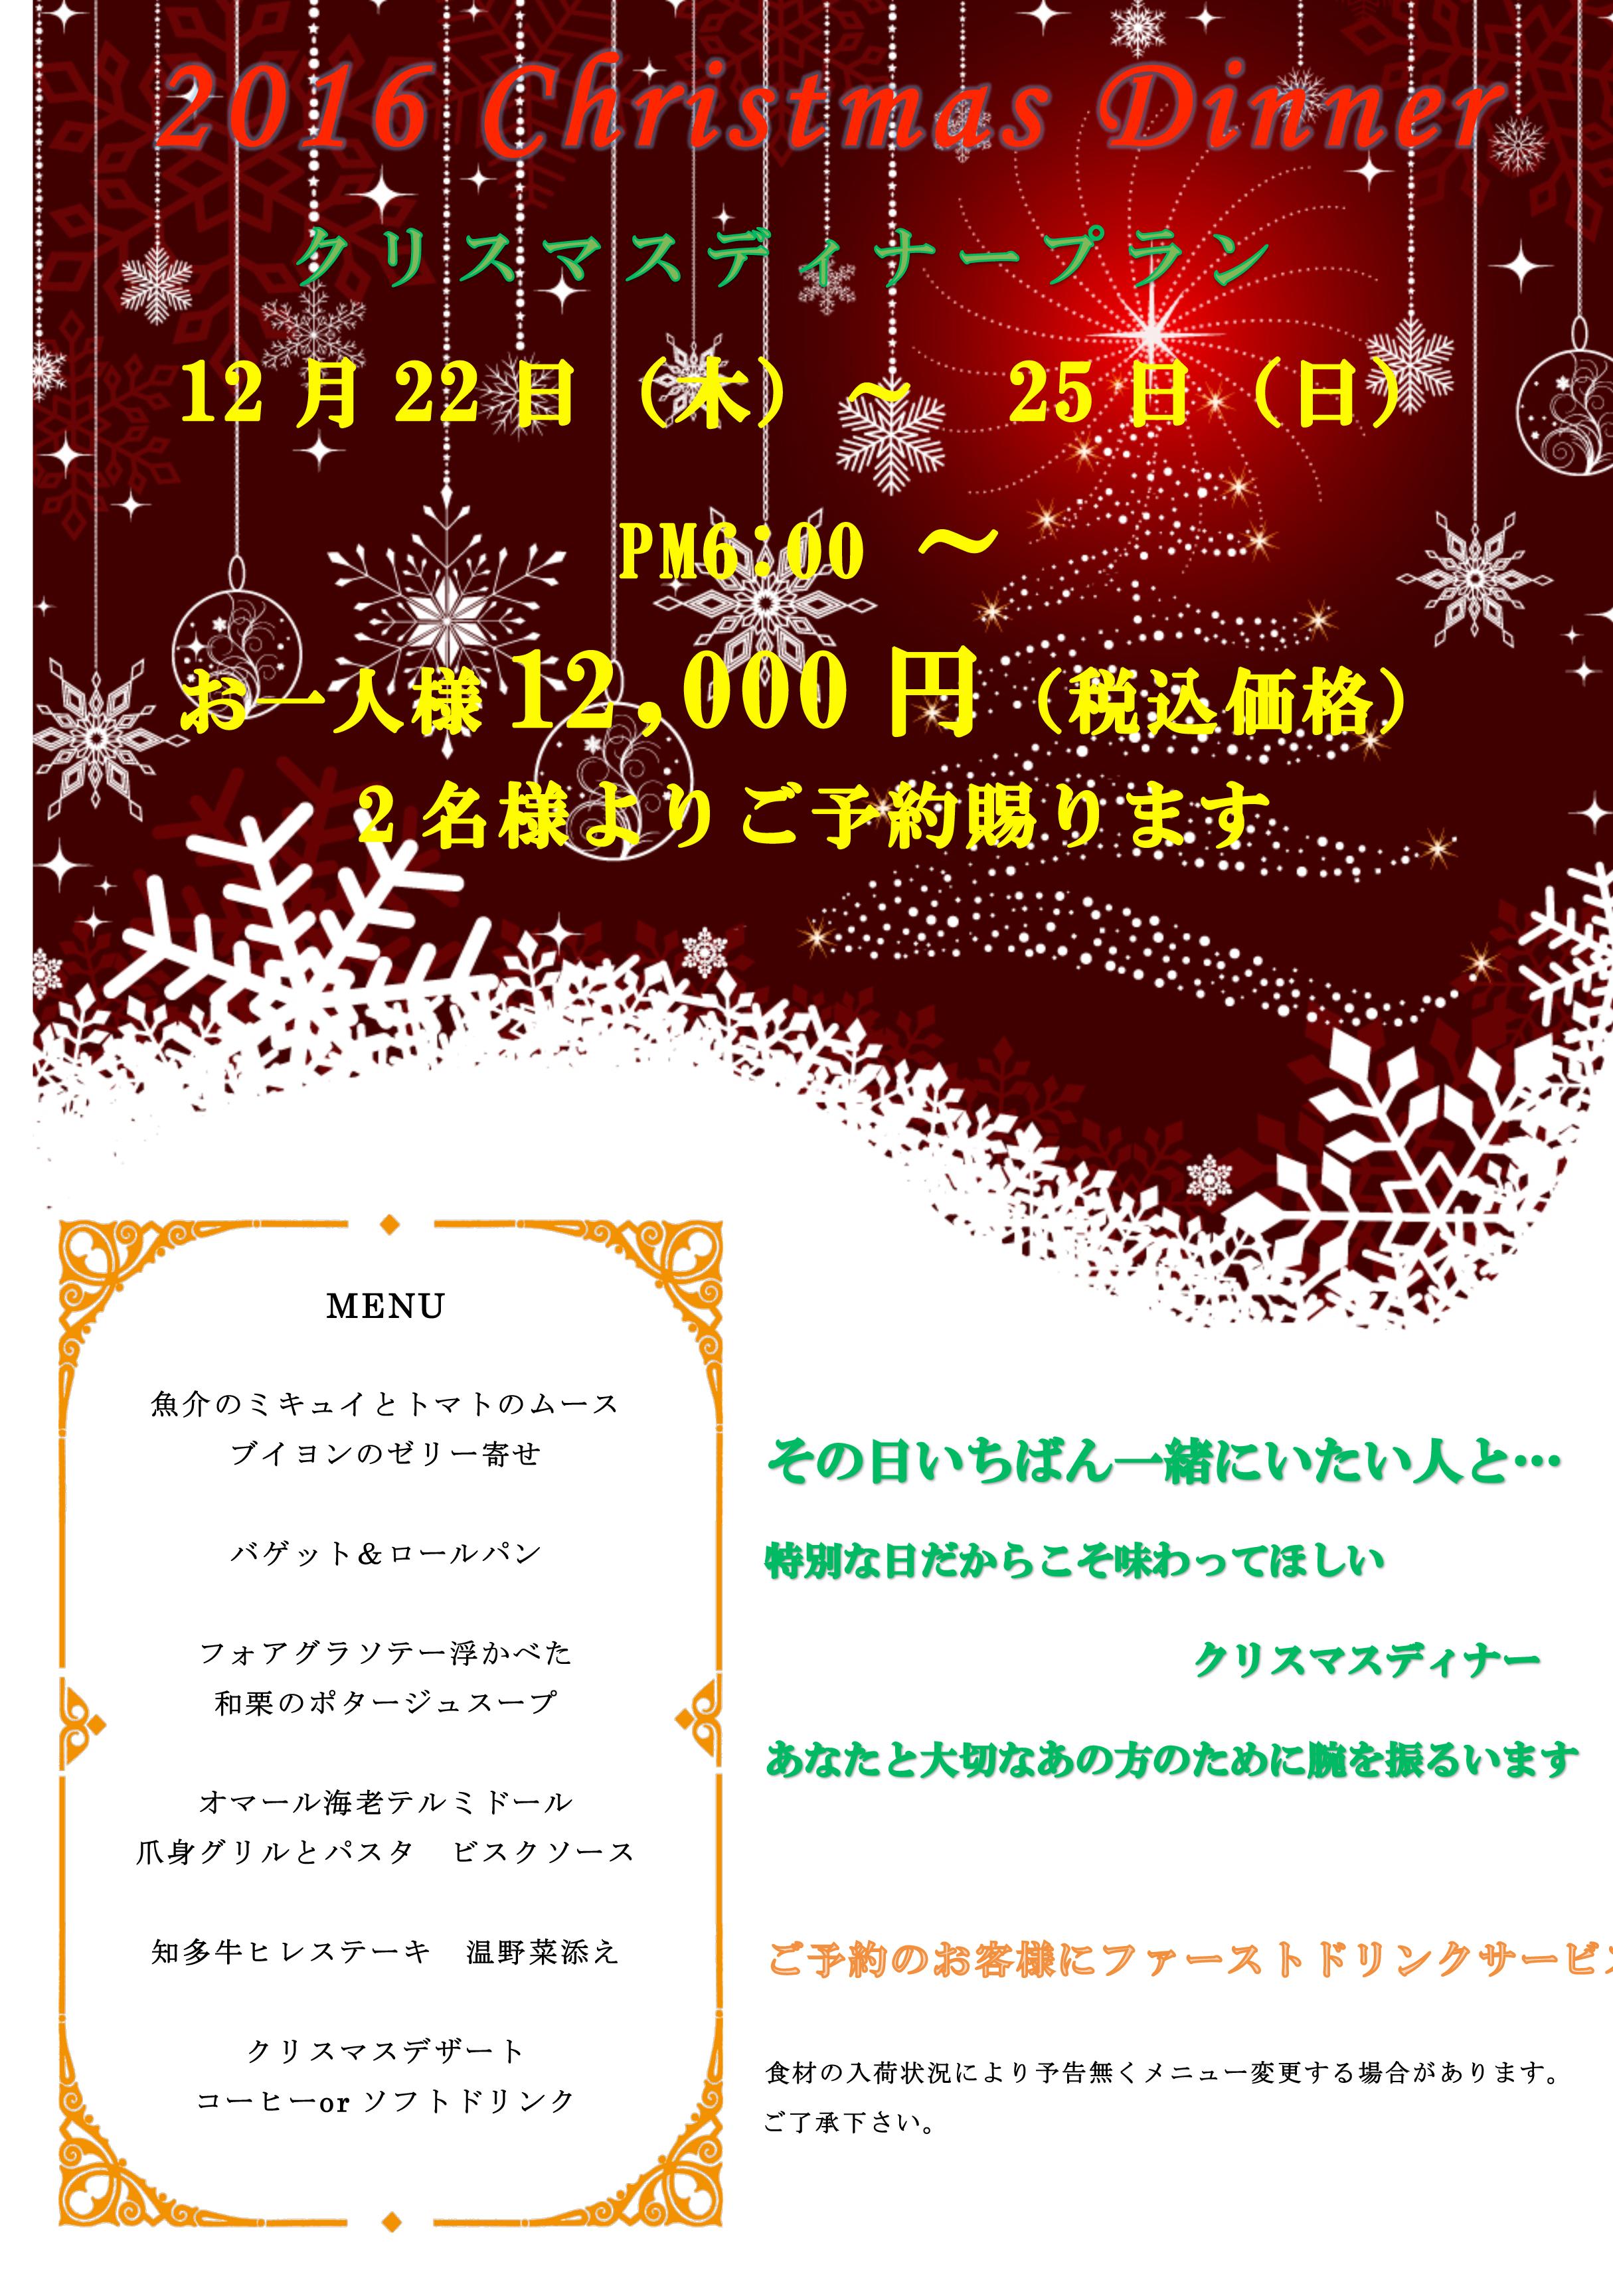 microsoft word 2016クリスマスディナー docx 知多牛のおおさわ